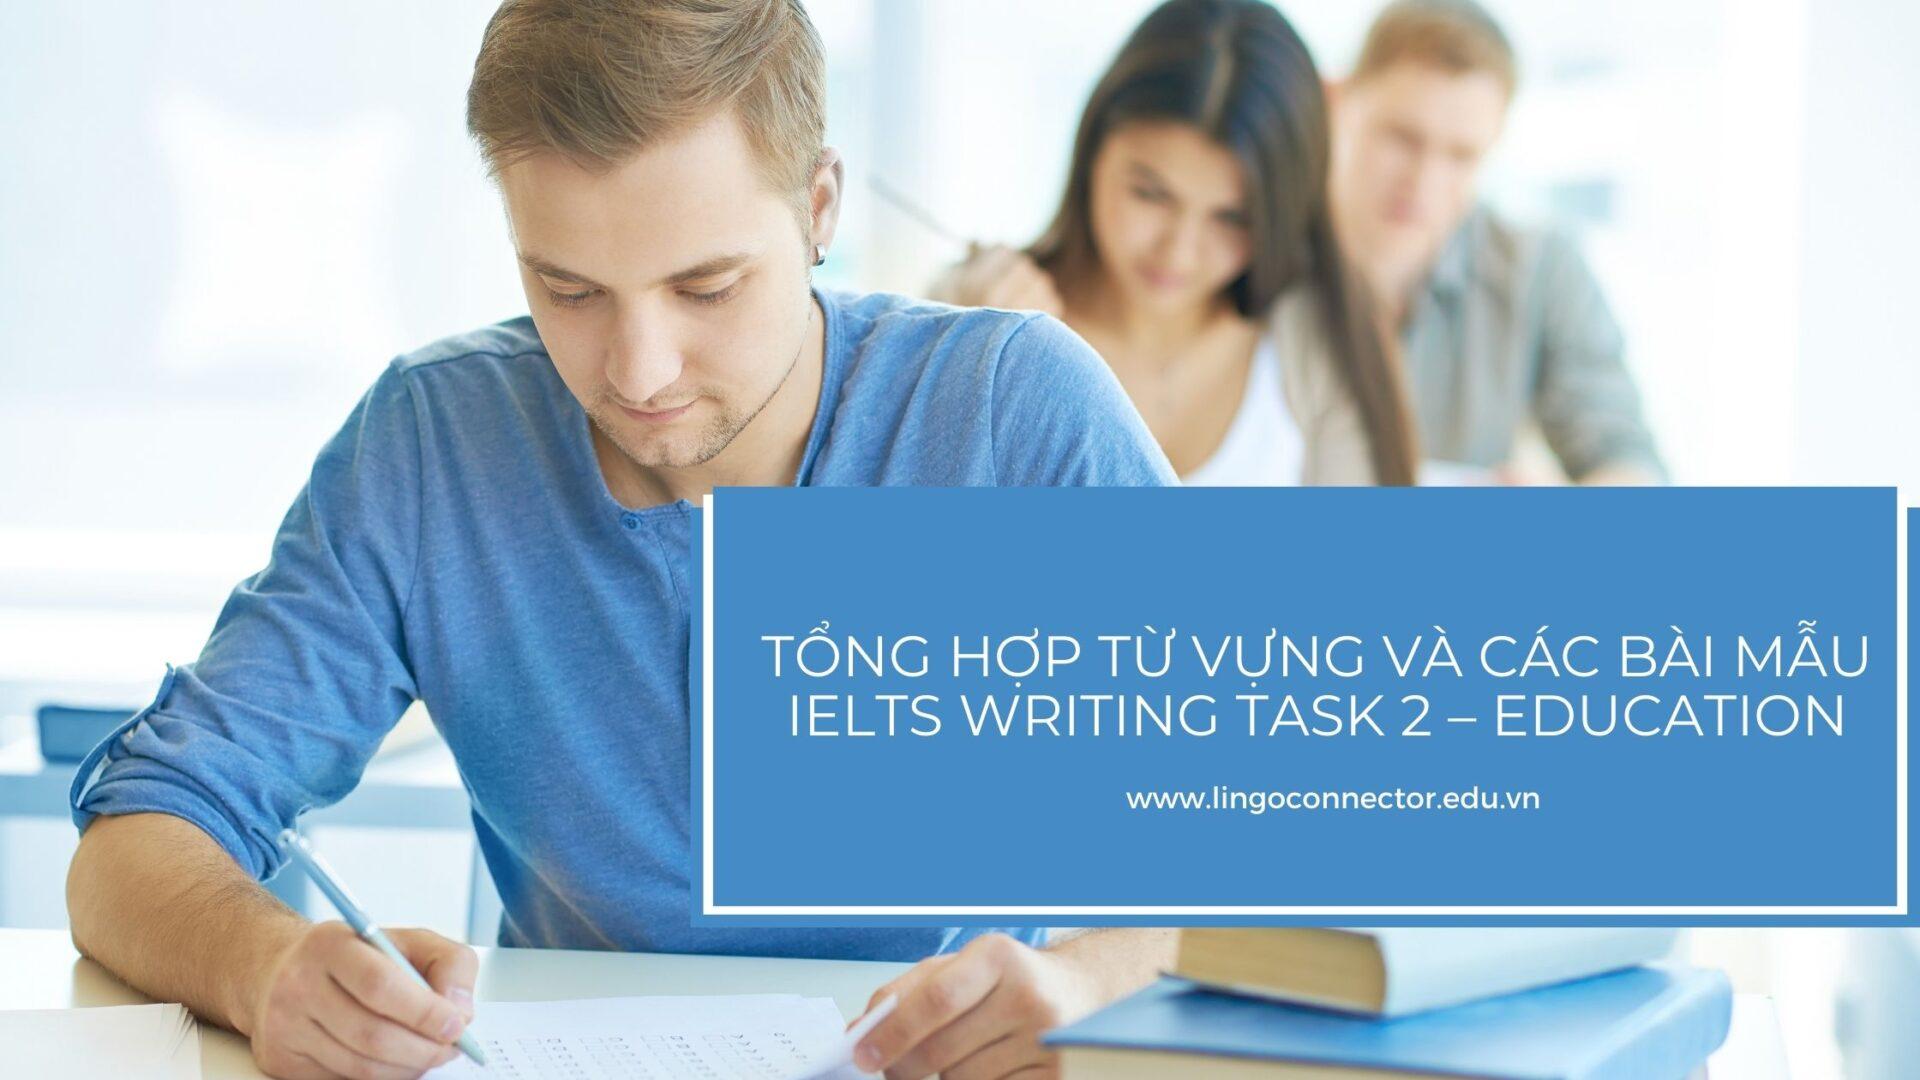 từ vựng education